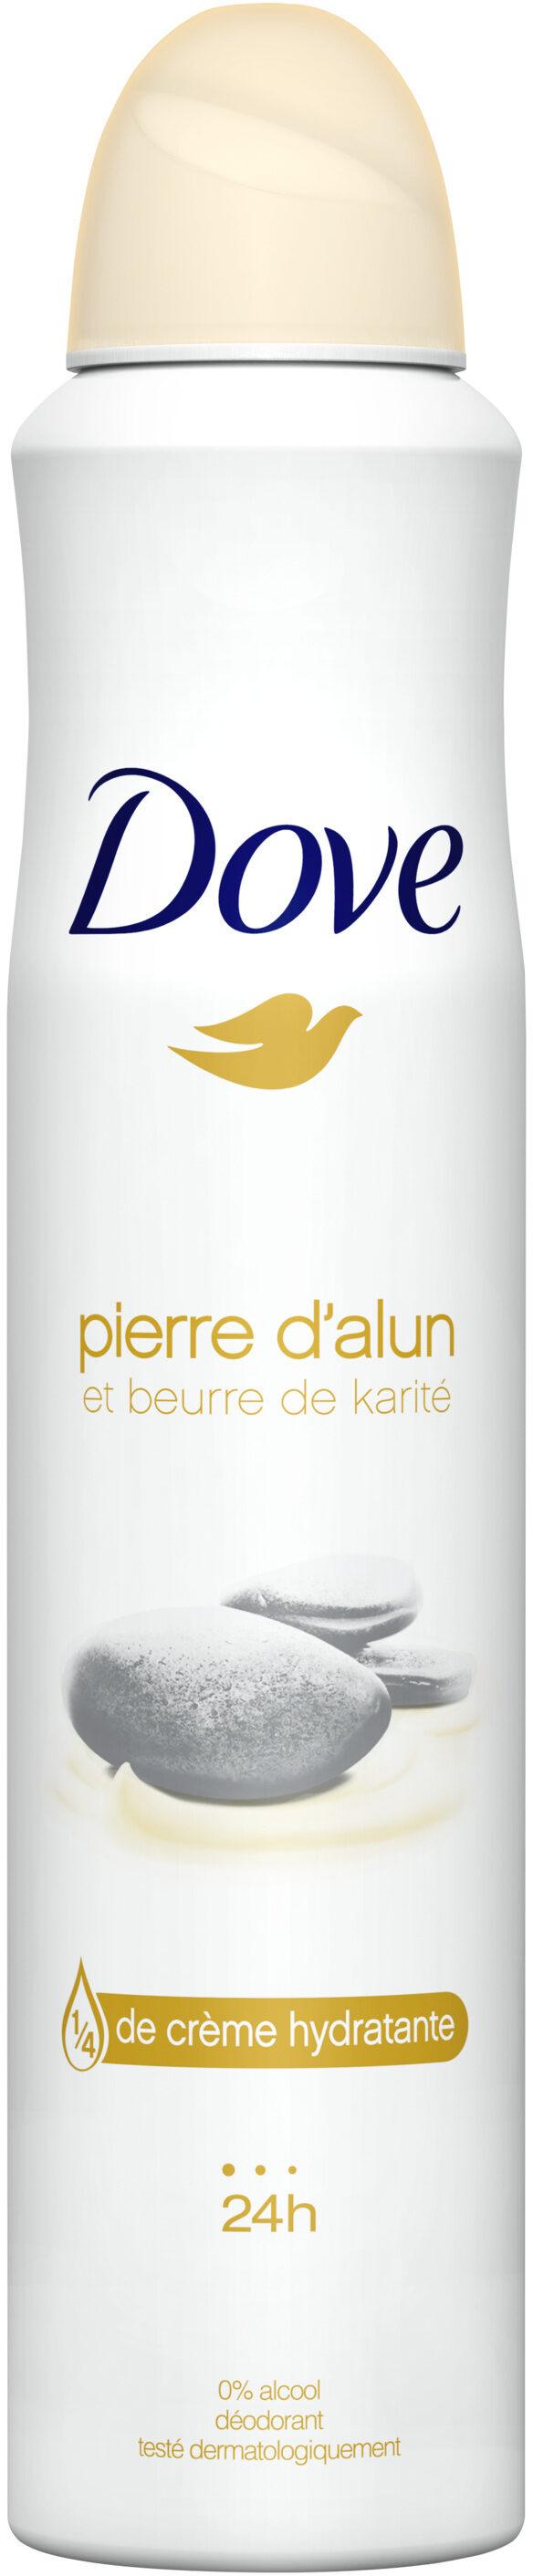 Dove Déodorant Femme Spray Pierre d'Alun & Beurre de Karité - Produit - fr